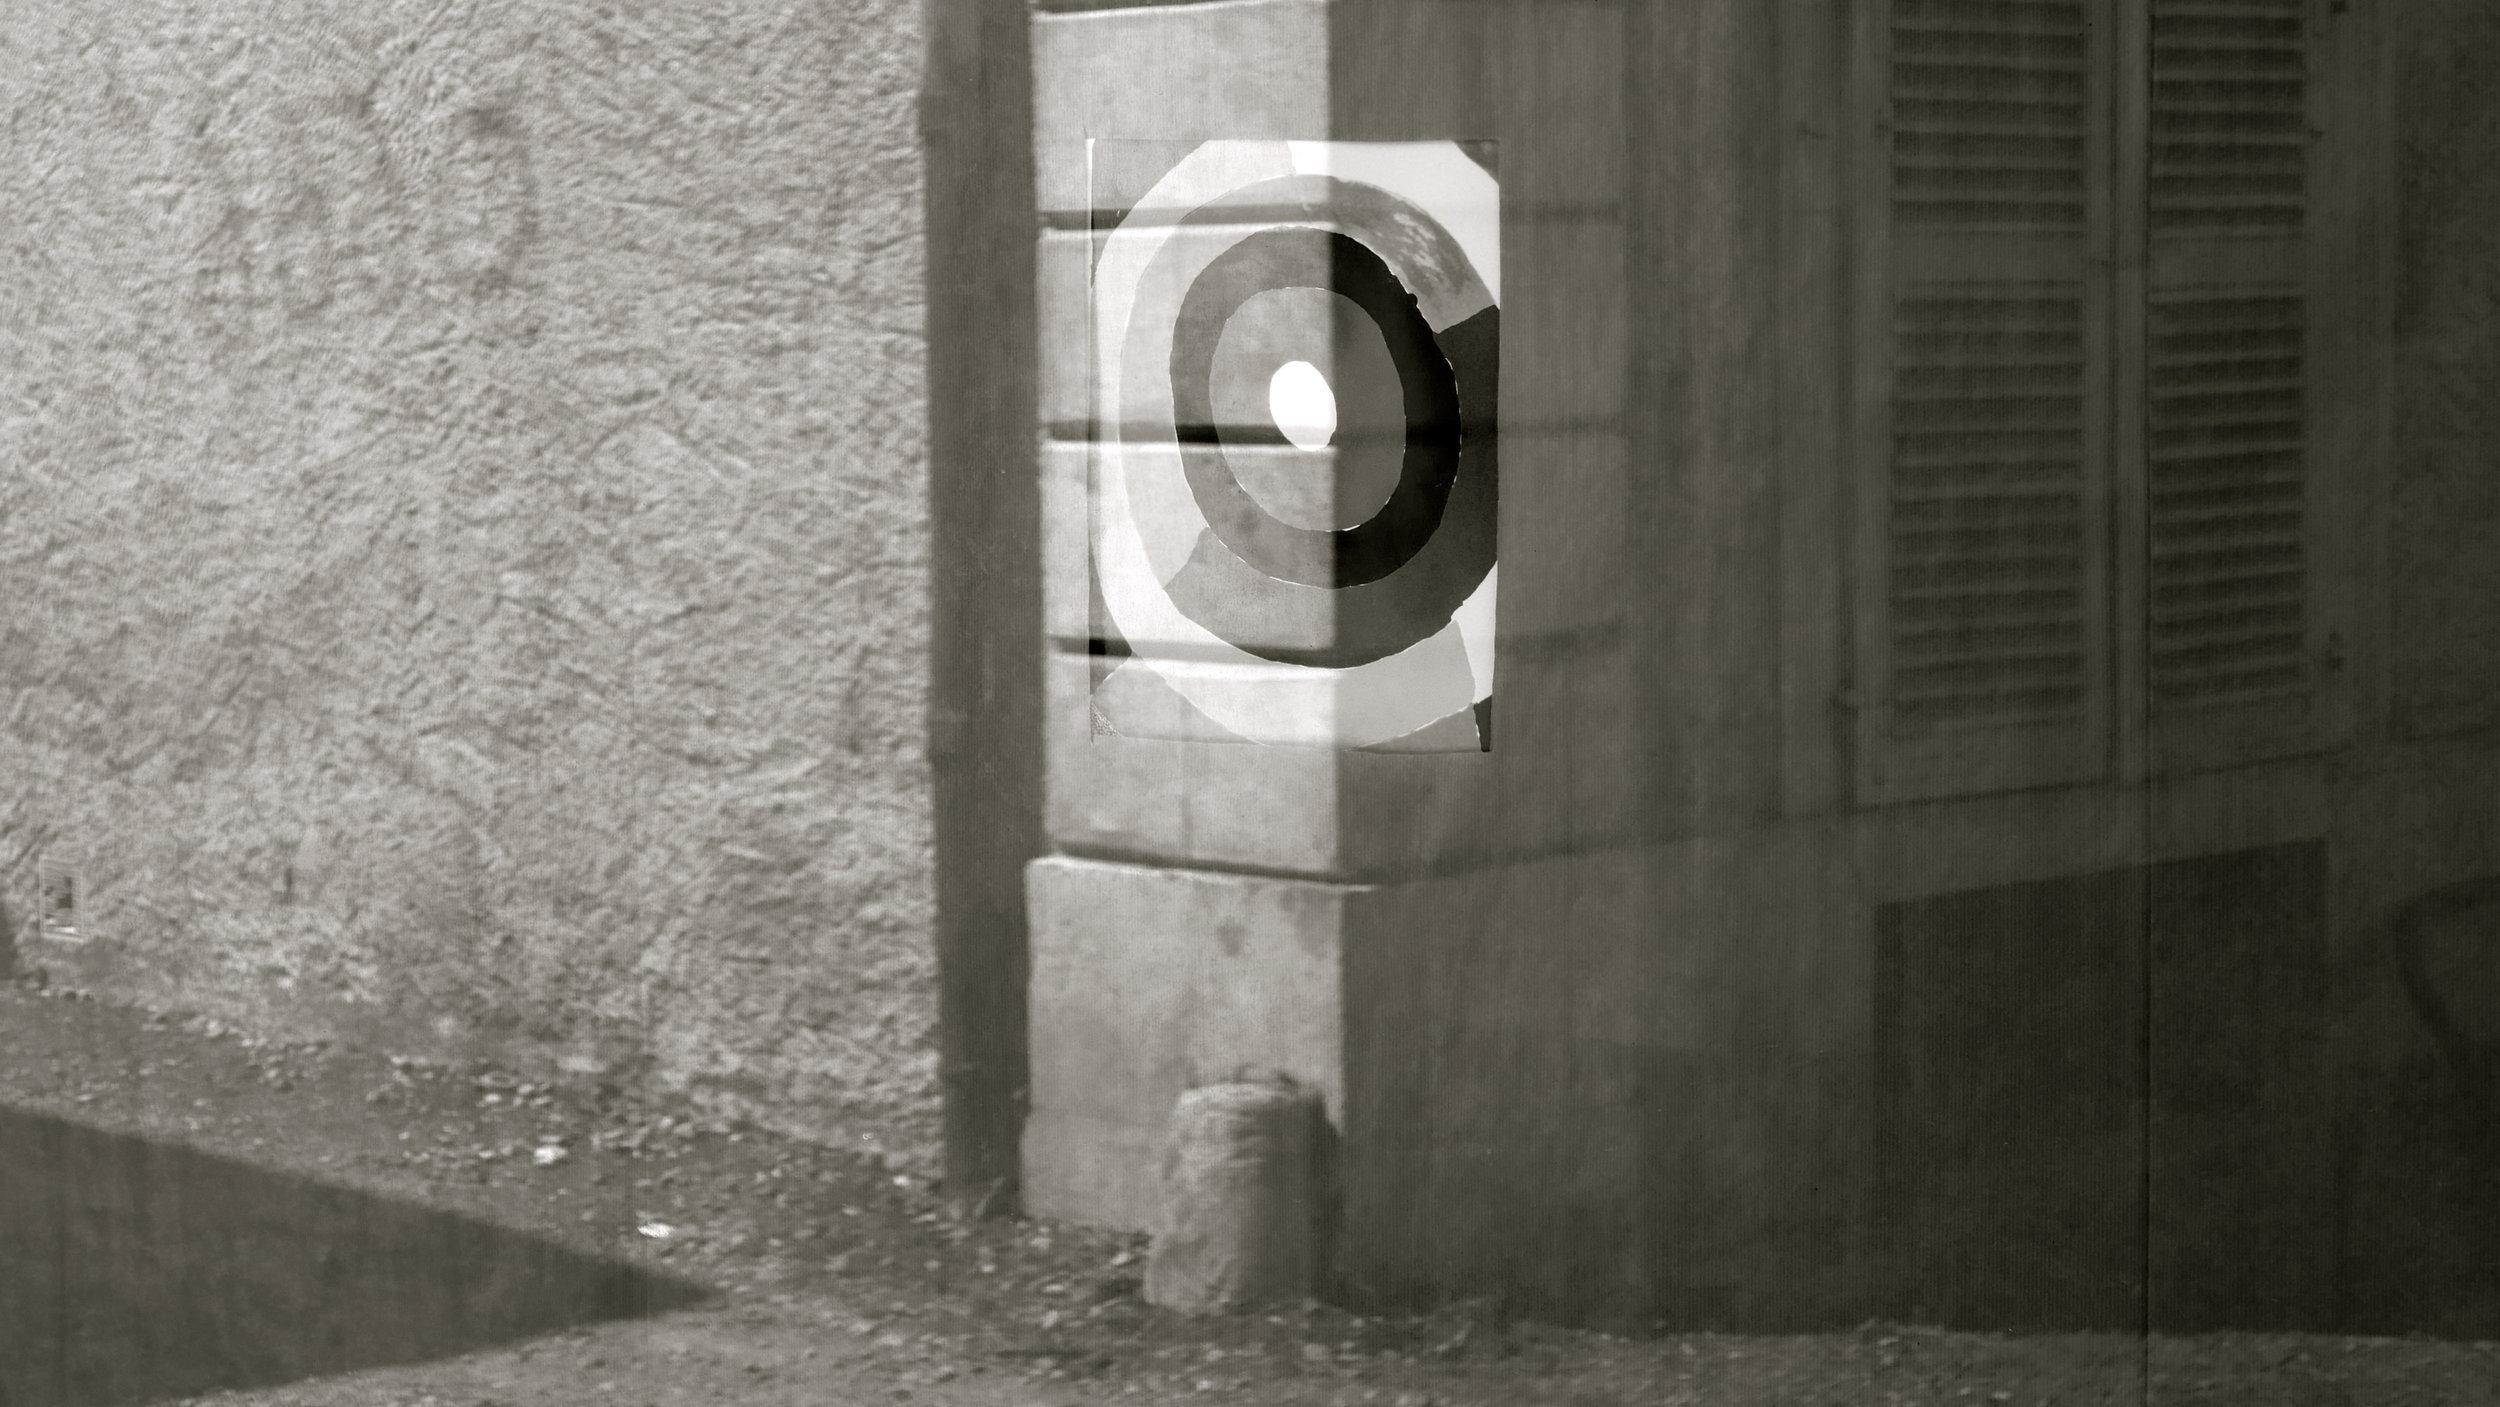 Pau. Sonia Delaunay - 4